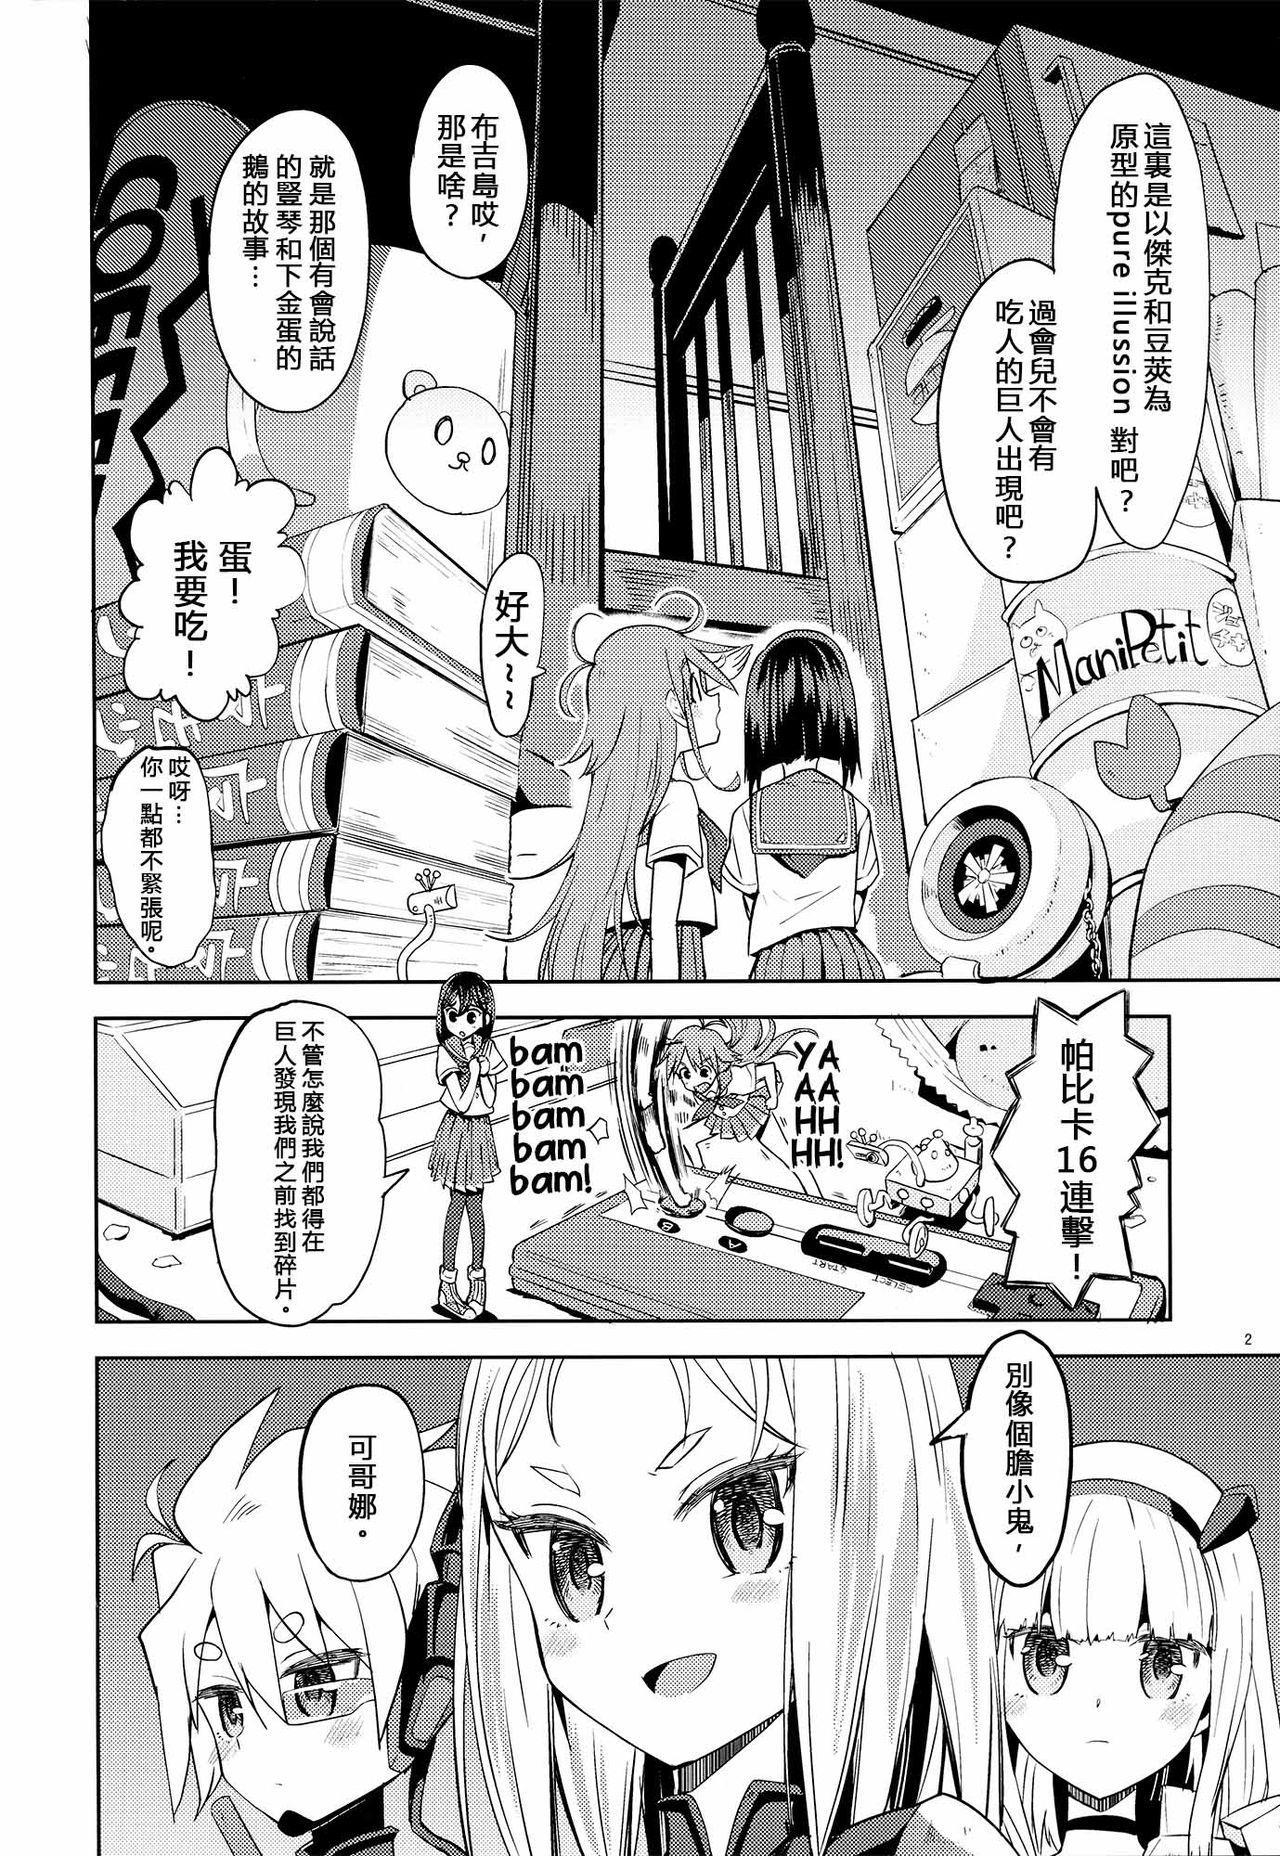 Sore dakara Watashi wa Henshin Dekinai 3